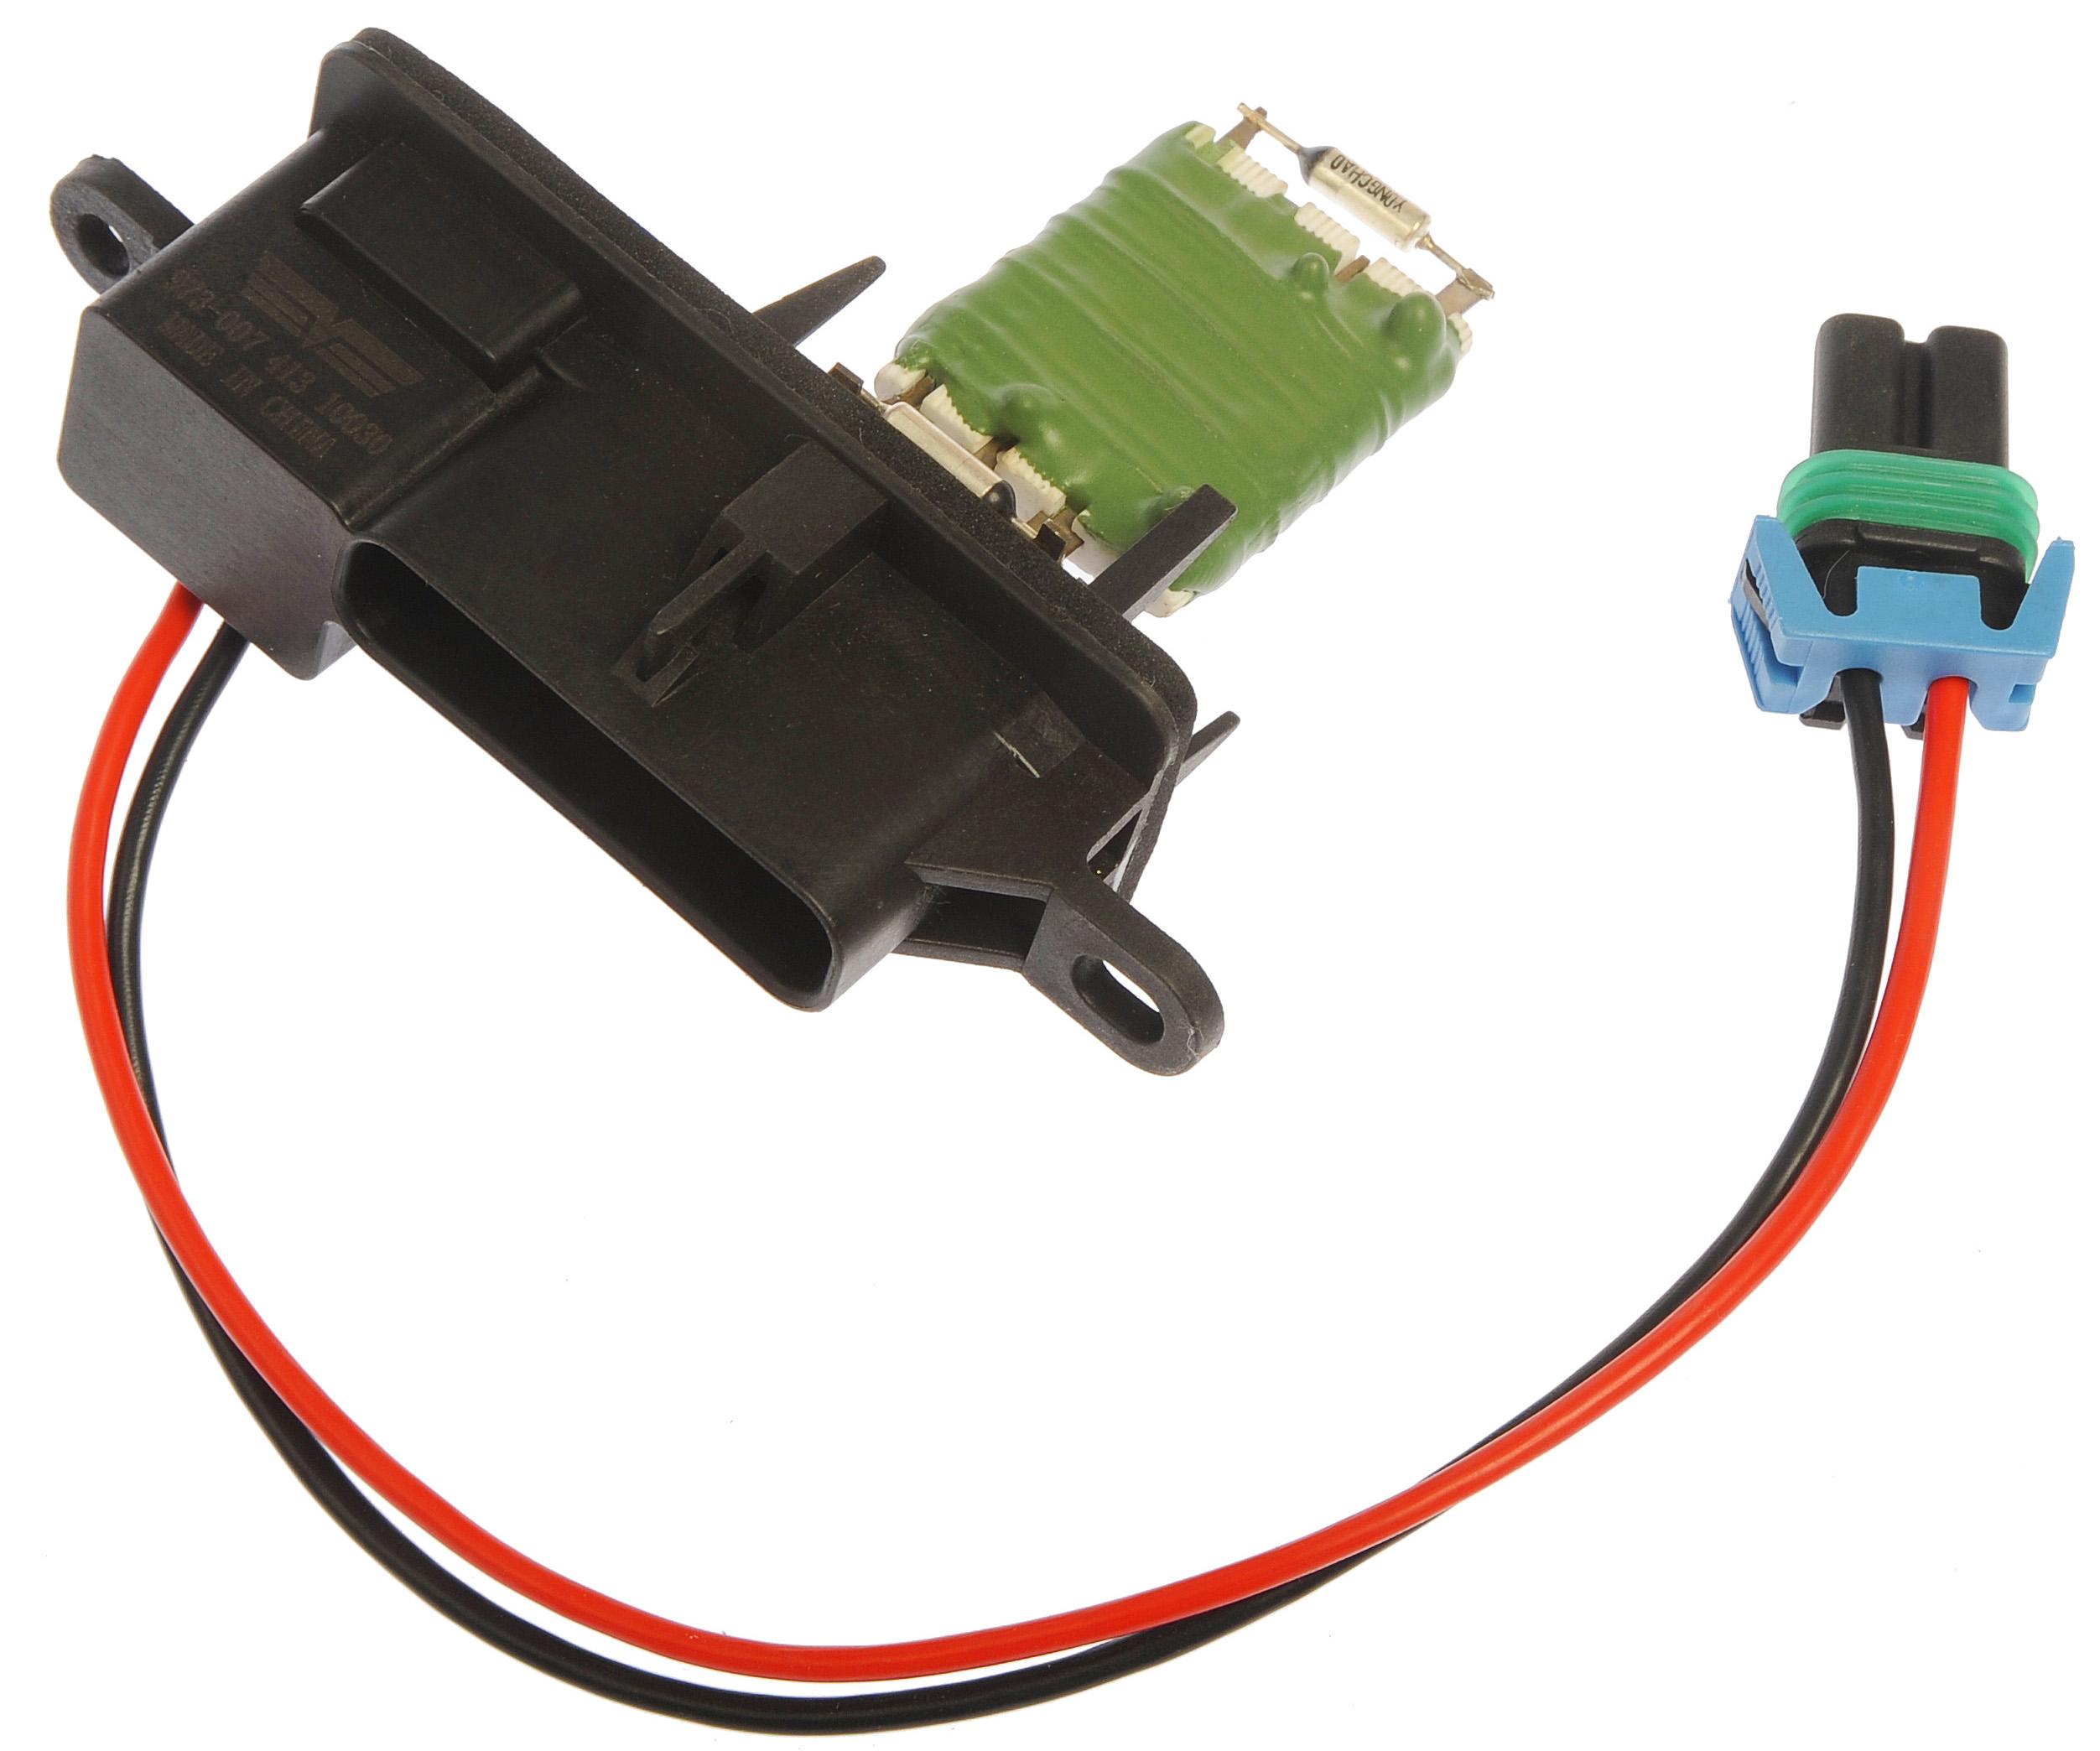 Dorman 973-407 HVAC Blower Motor Resistor Kit